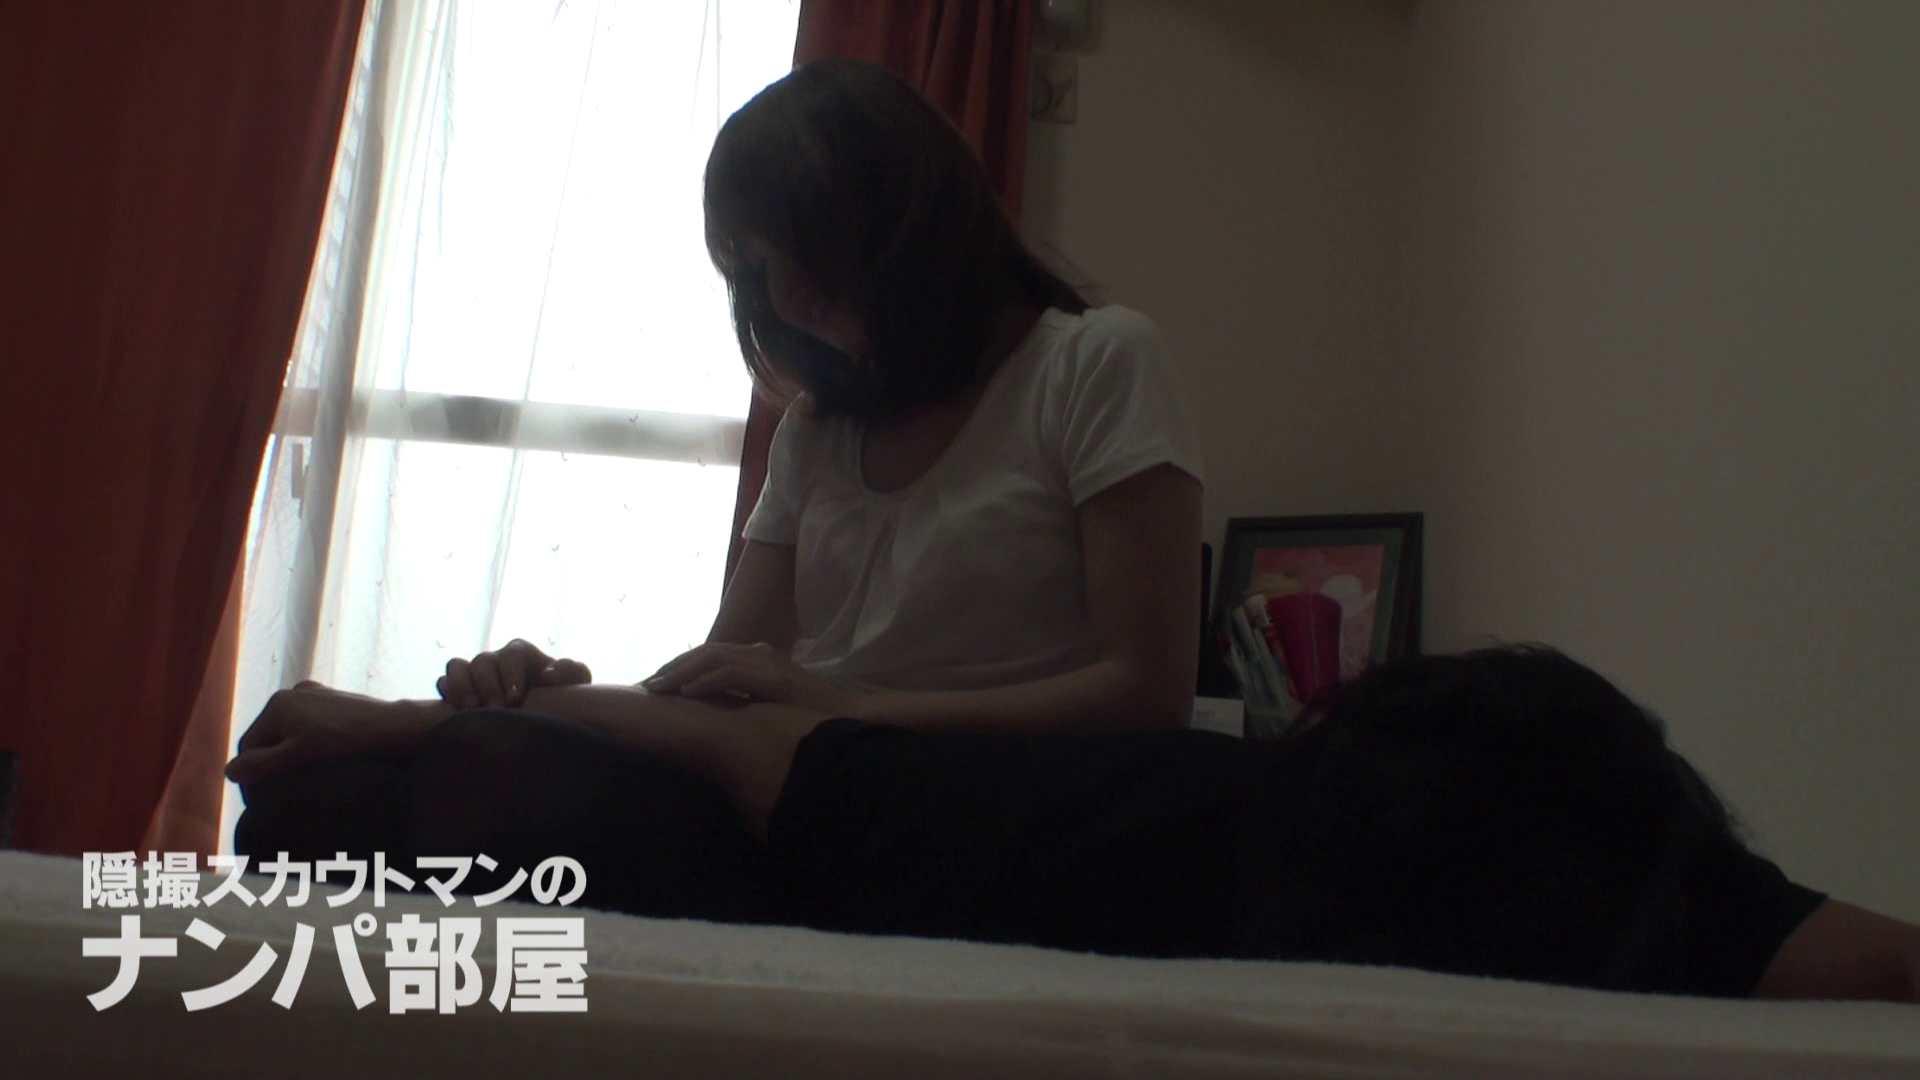 隠撮スカウトマンのナンパ部屋~風俗デビュー前のつまみ食い~ siivol.2 OL裸体 | ナンパ  58画像 15